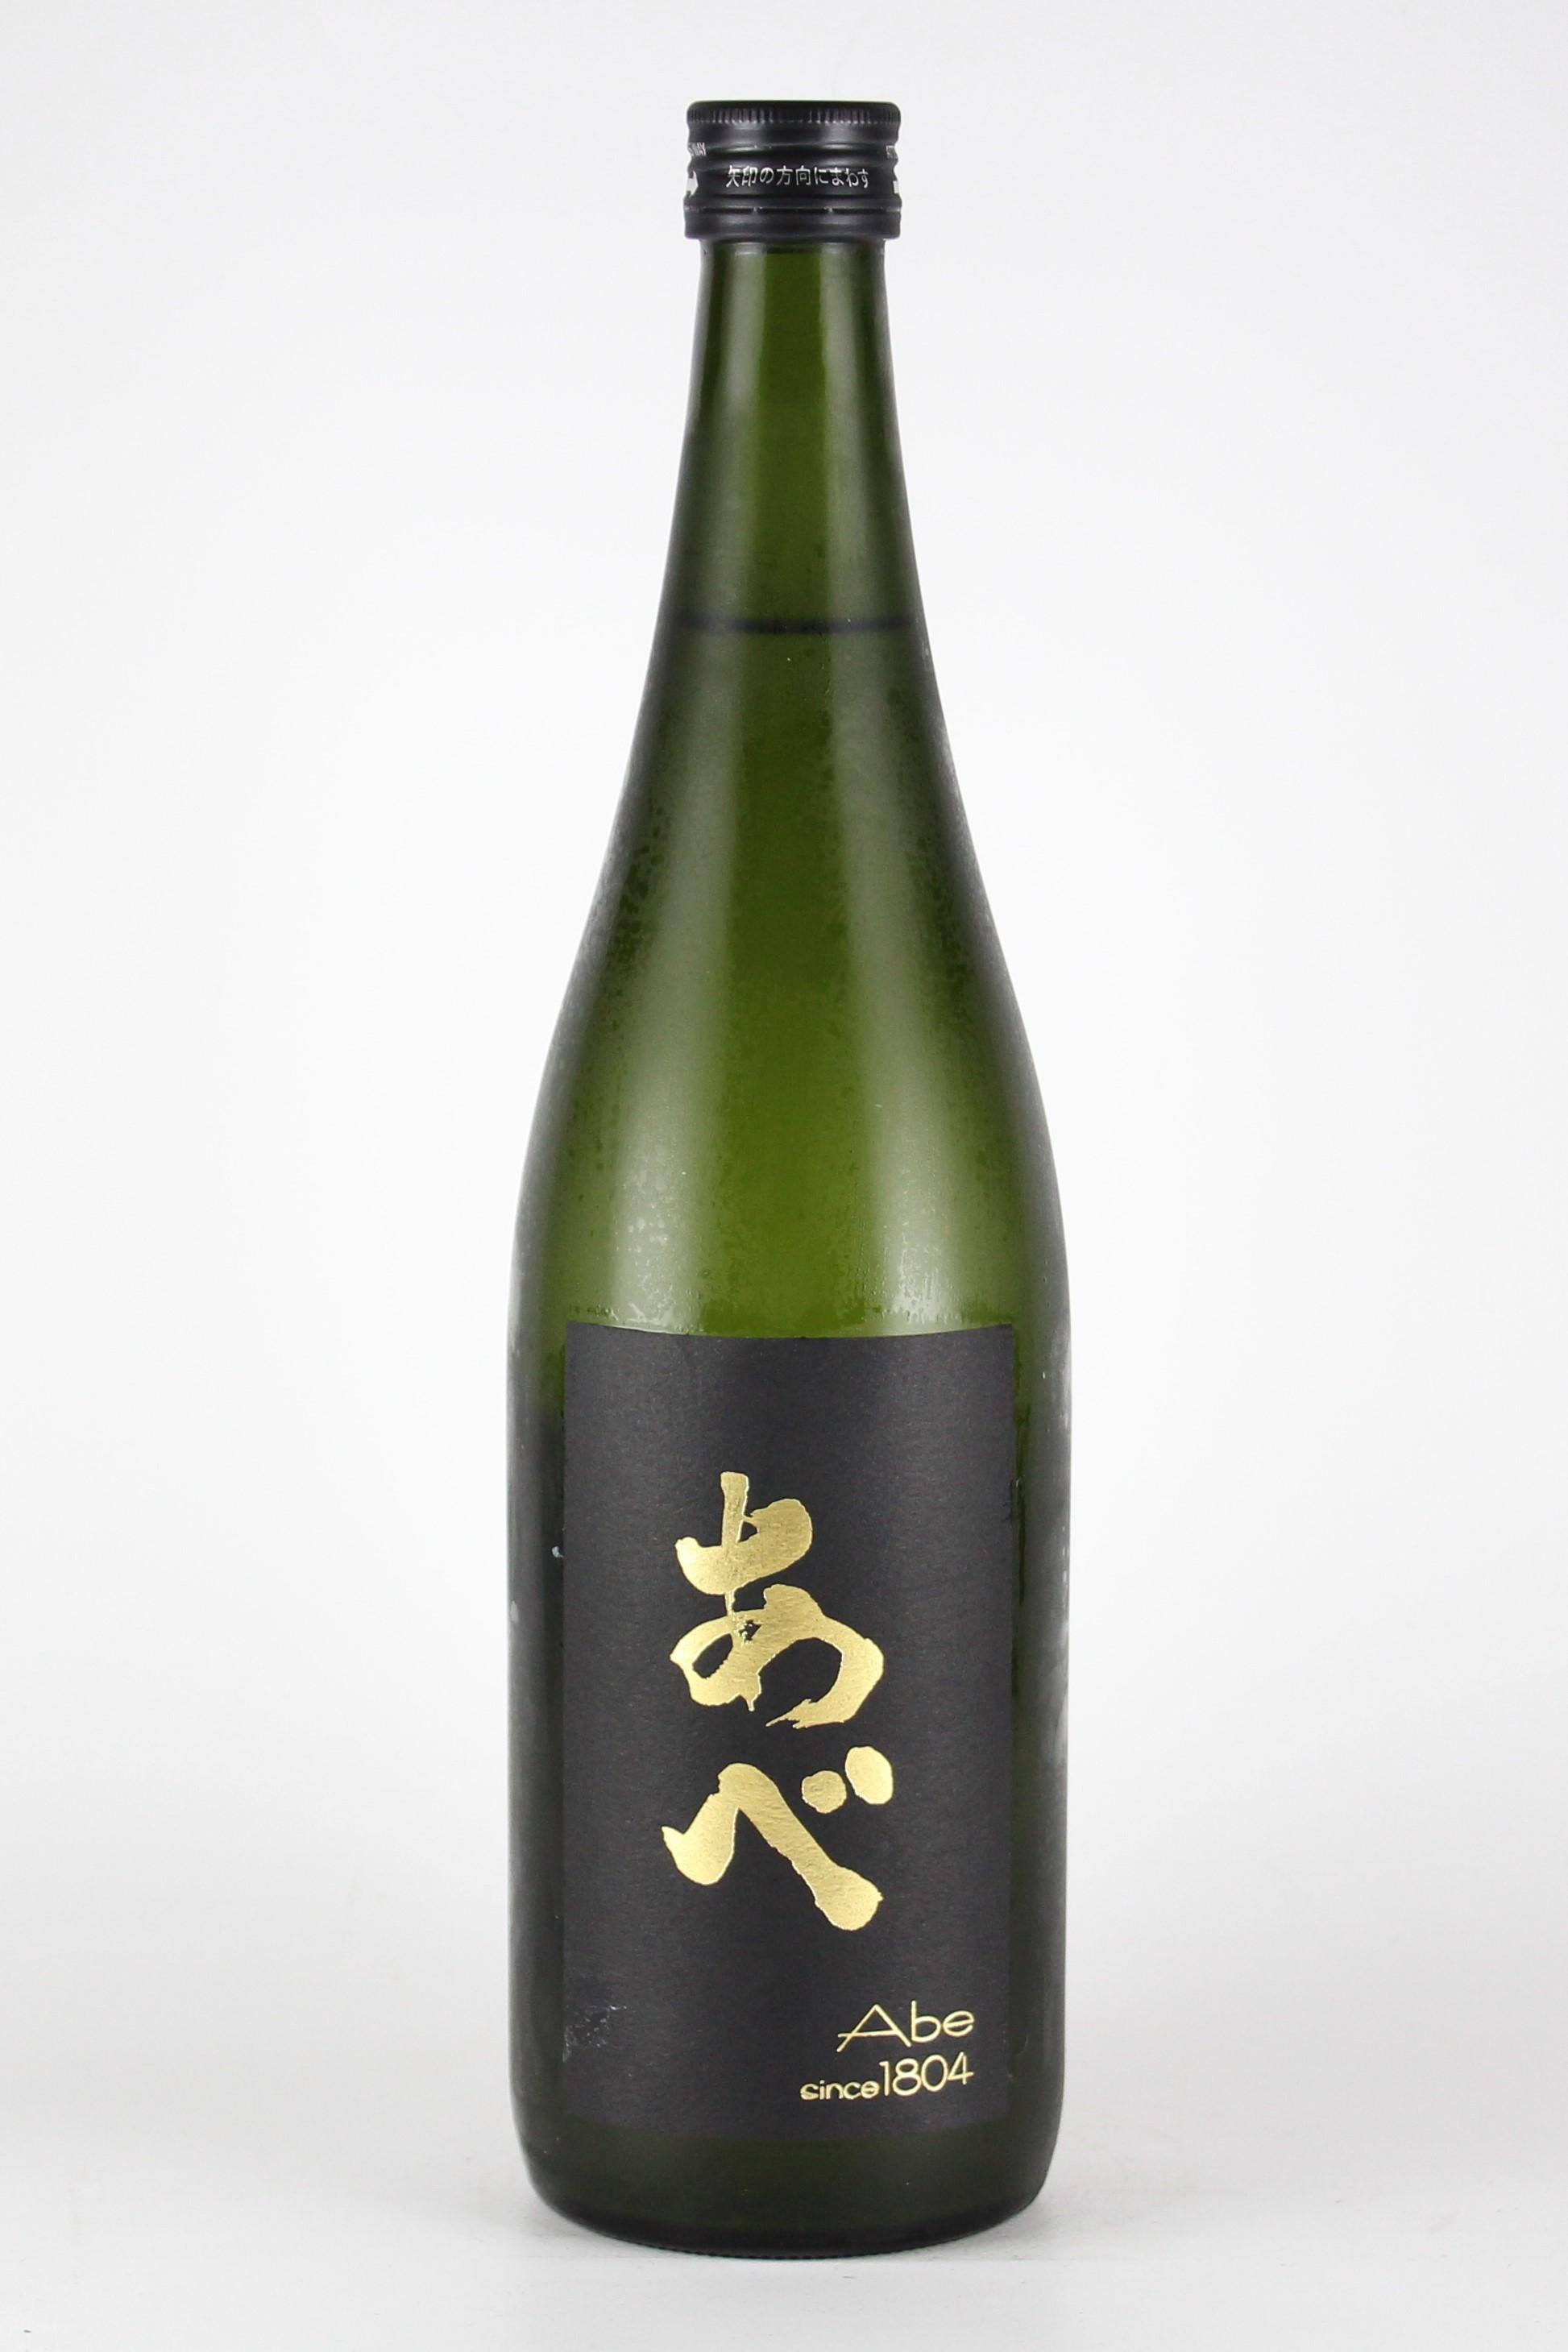 あべ2019 純米大吟醸無濾過生原酒ありがらみ 720ml 【新潟/阿部酒造】